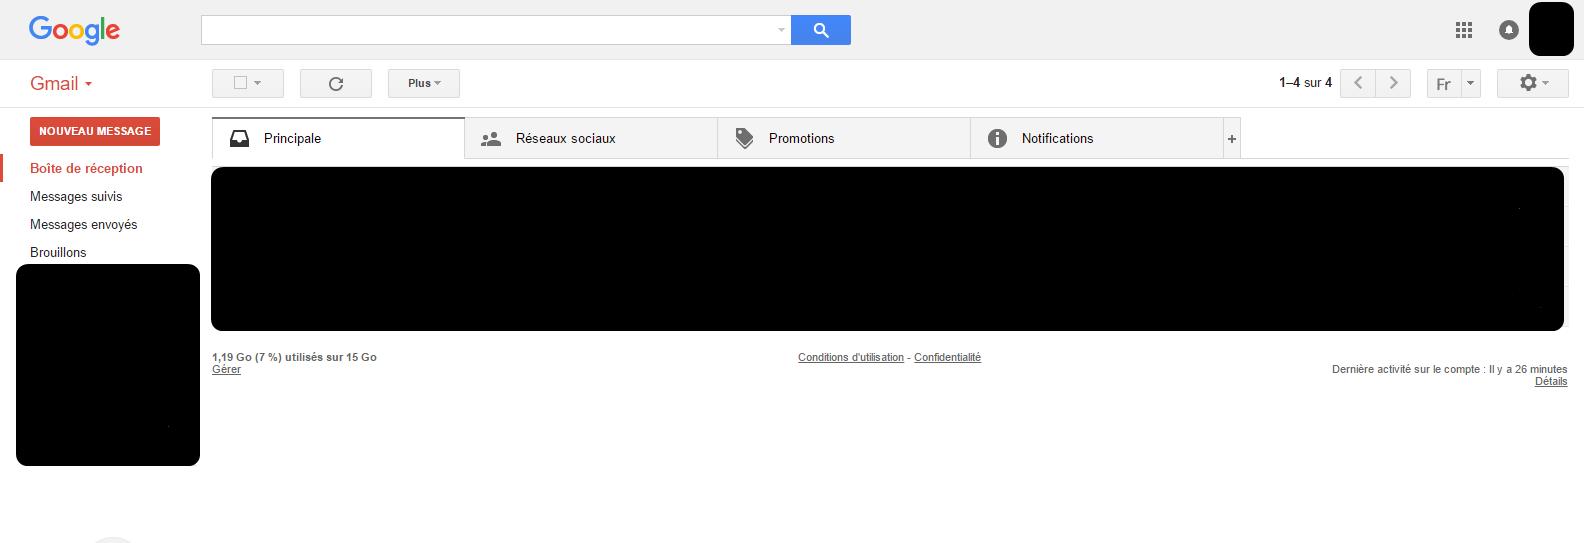 gmail accueil